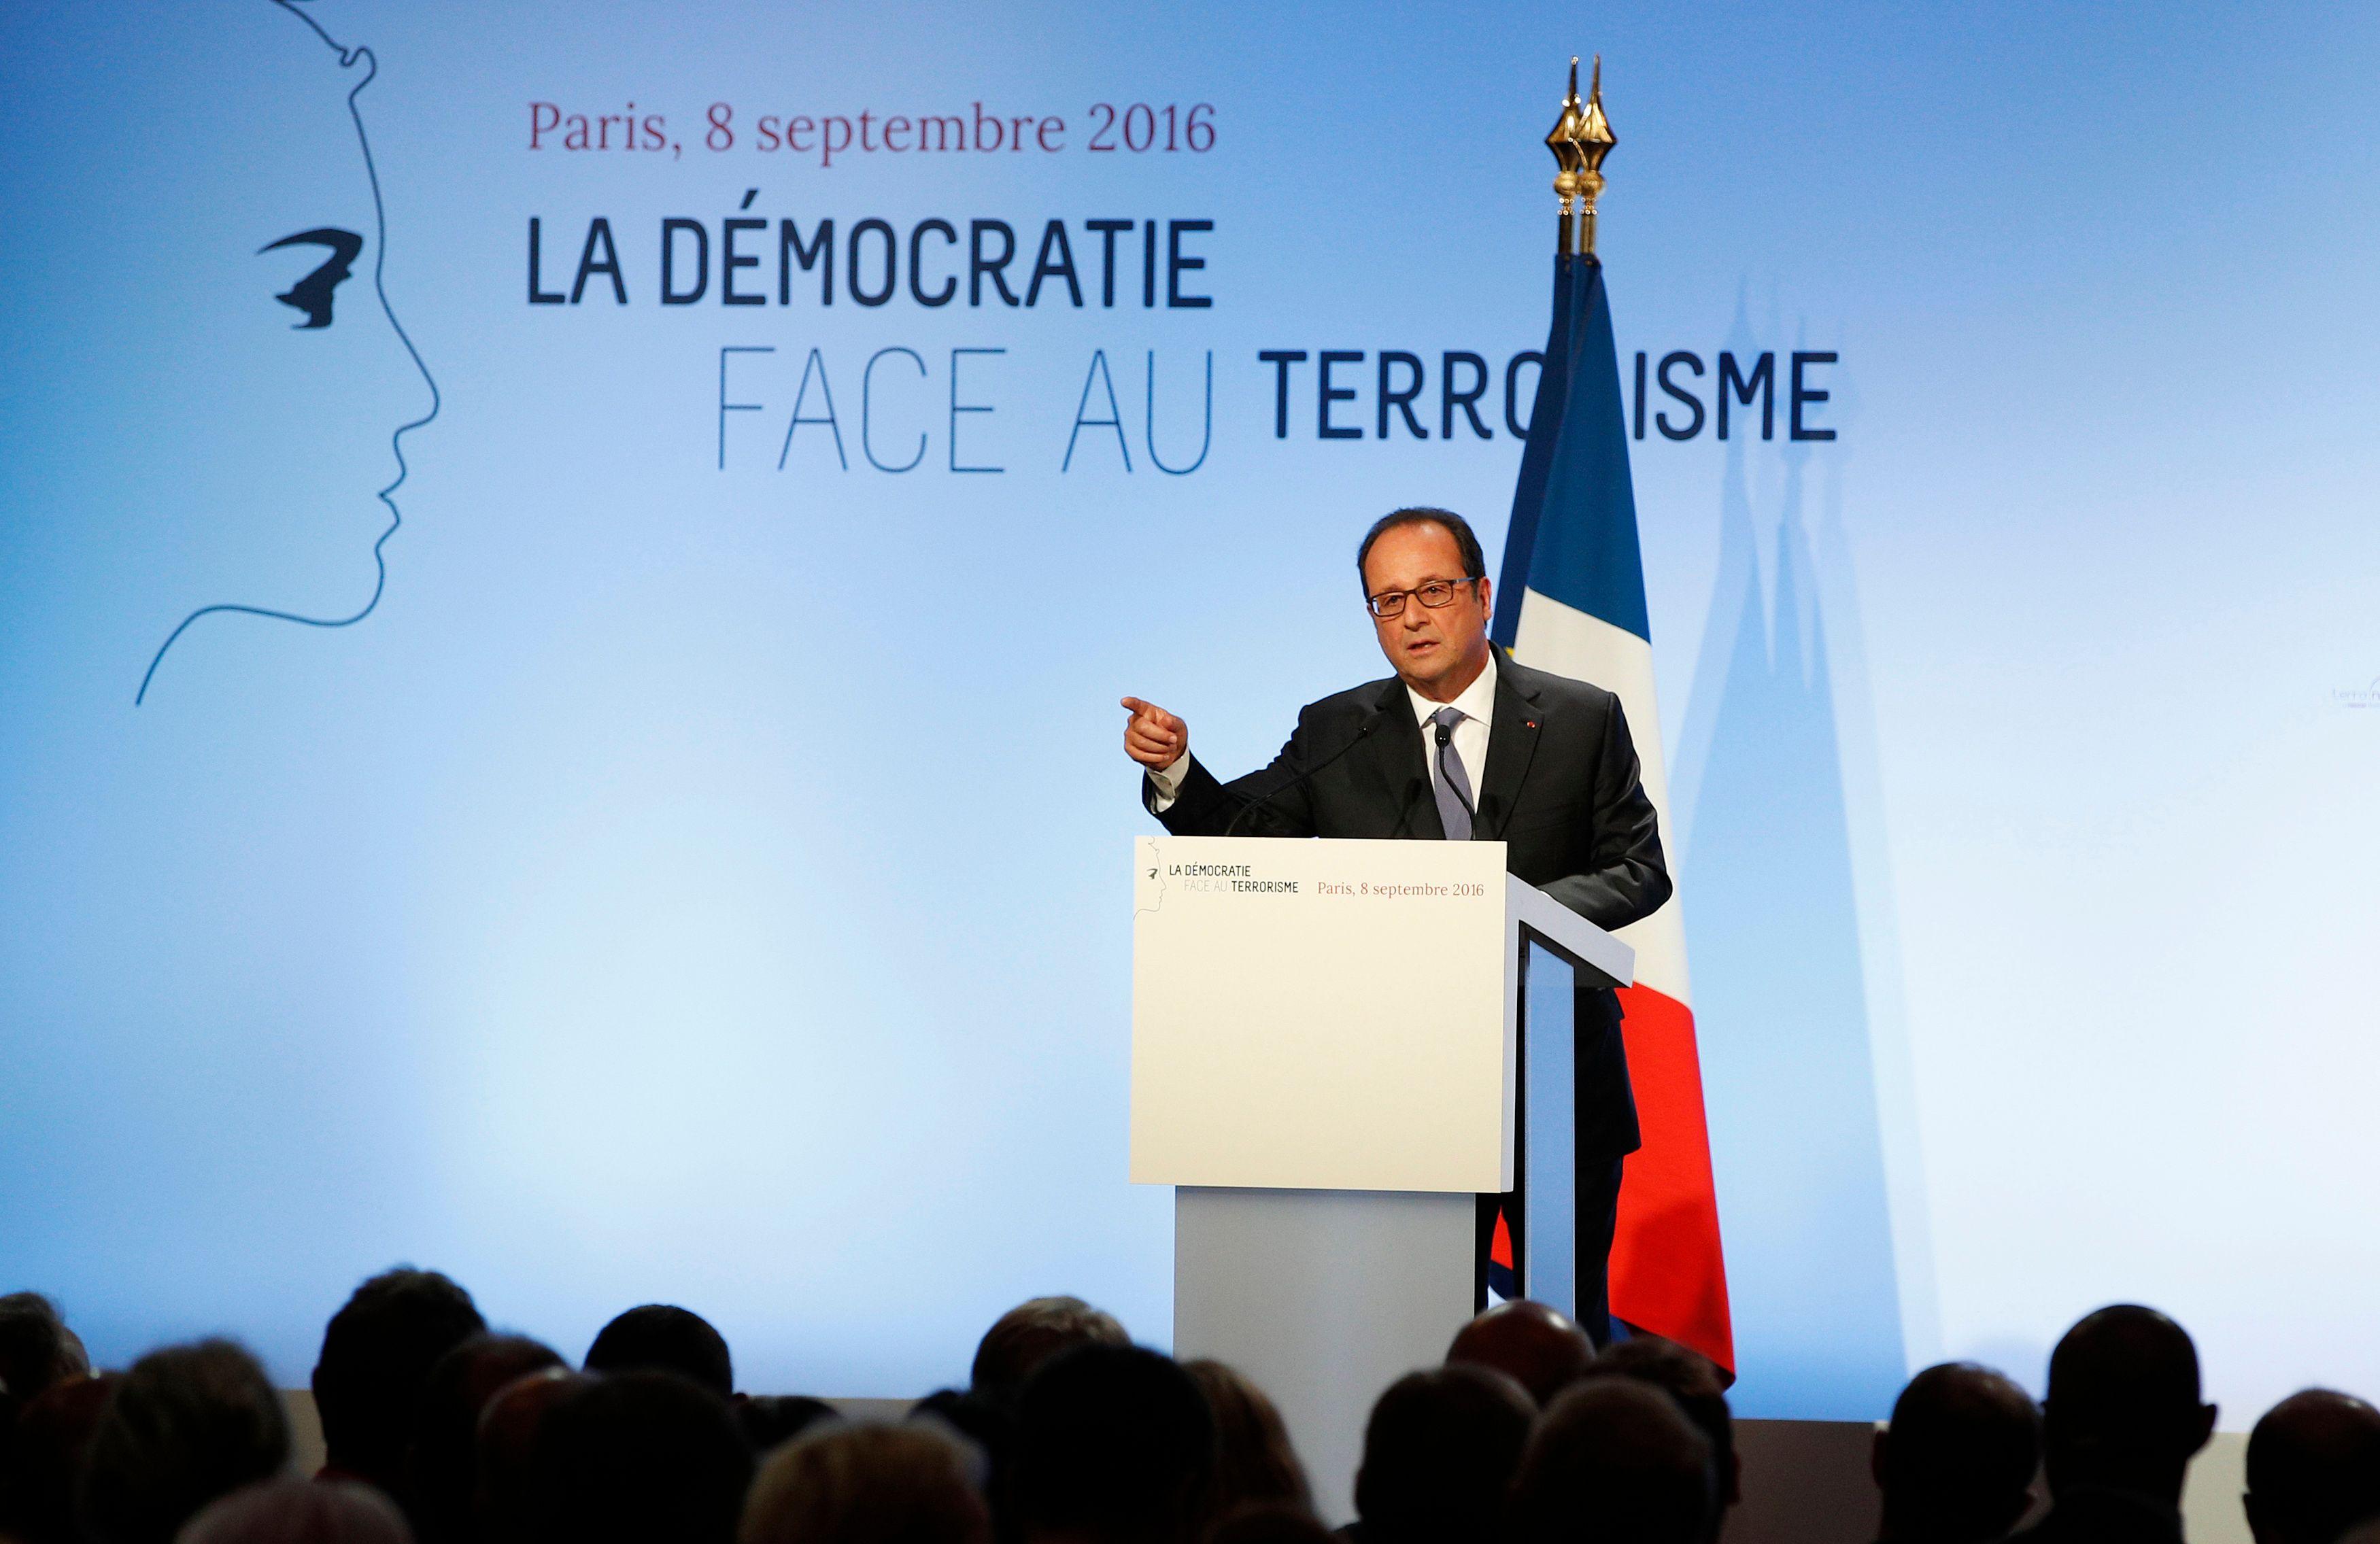 Avec son discours de Wagram, François Hollande se pose en rempart contre le terrorisme et entrevoit 2017